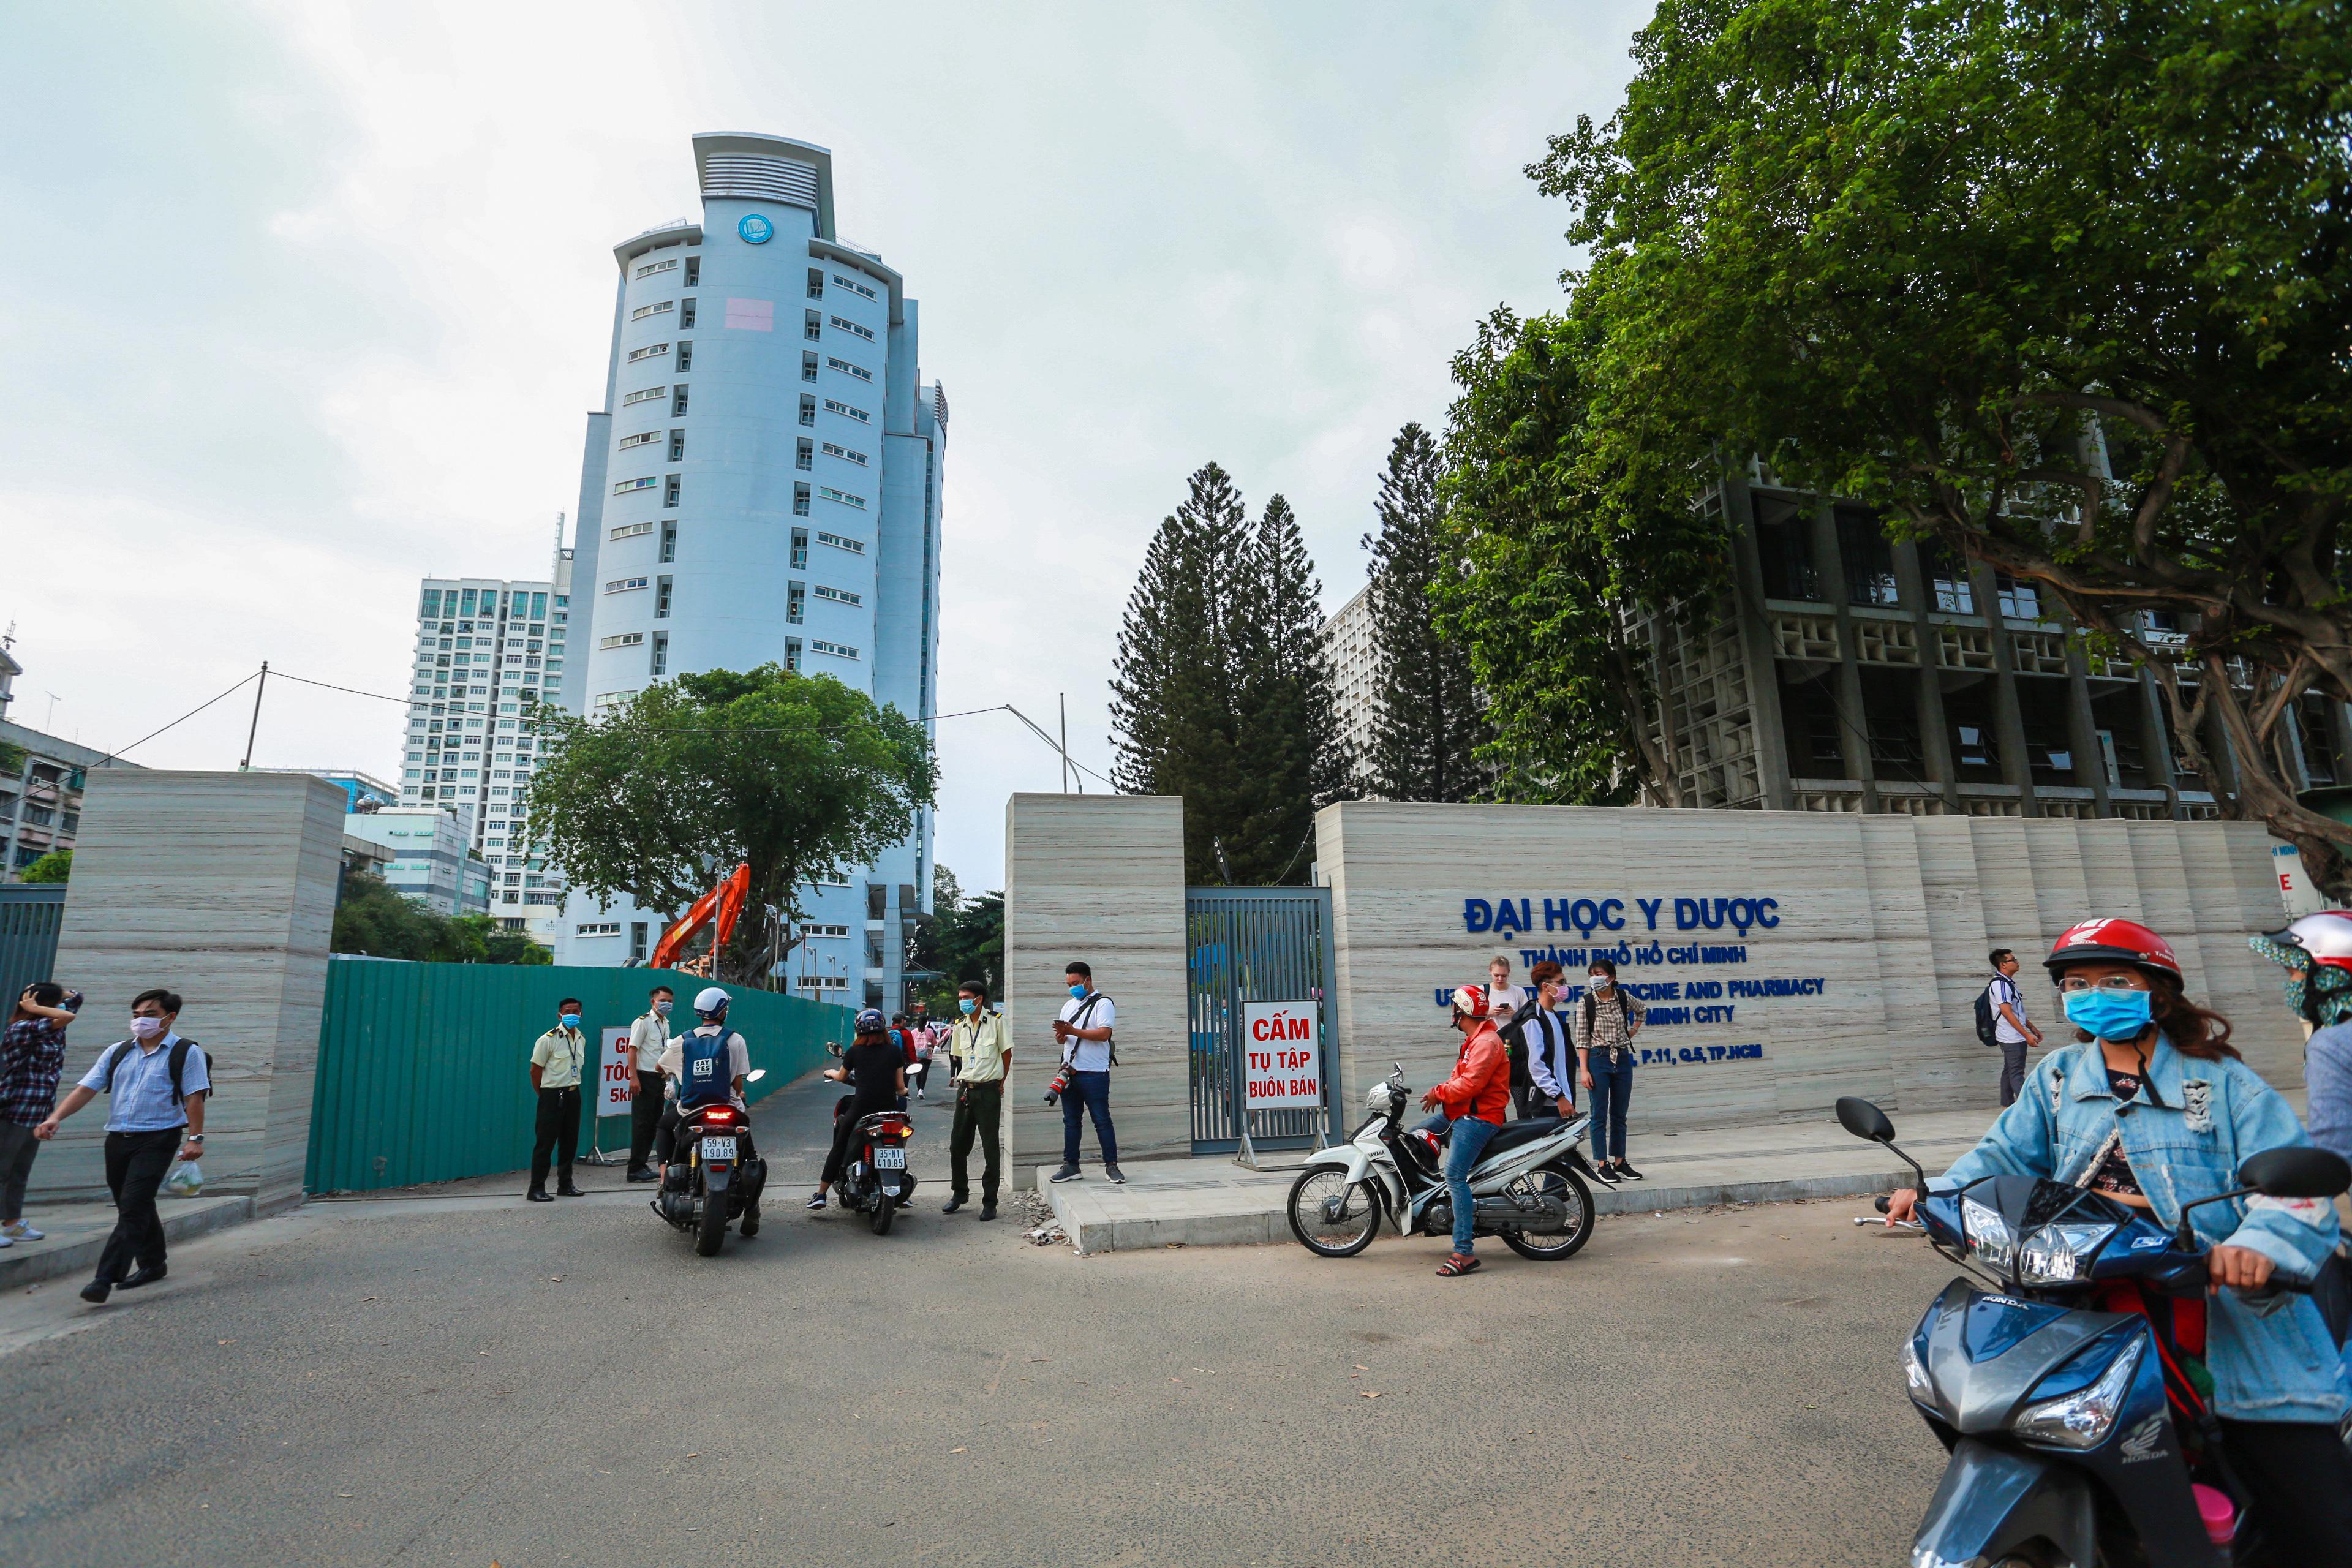 Trường ĐH duy nhất tại TP.HCM trở lại học tập, sinh viên bịt khẩu trang kín mít, kiểm tra nghiêm ngặt khi vào trường - Ảnh 11.